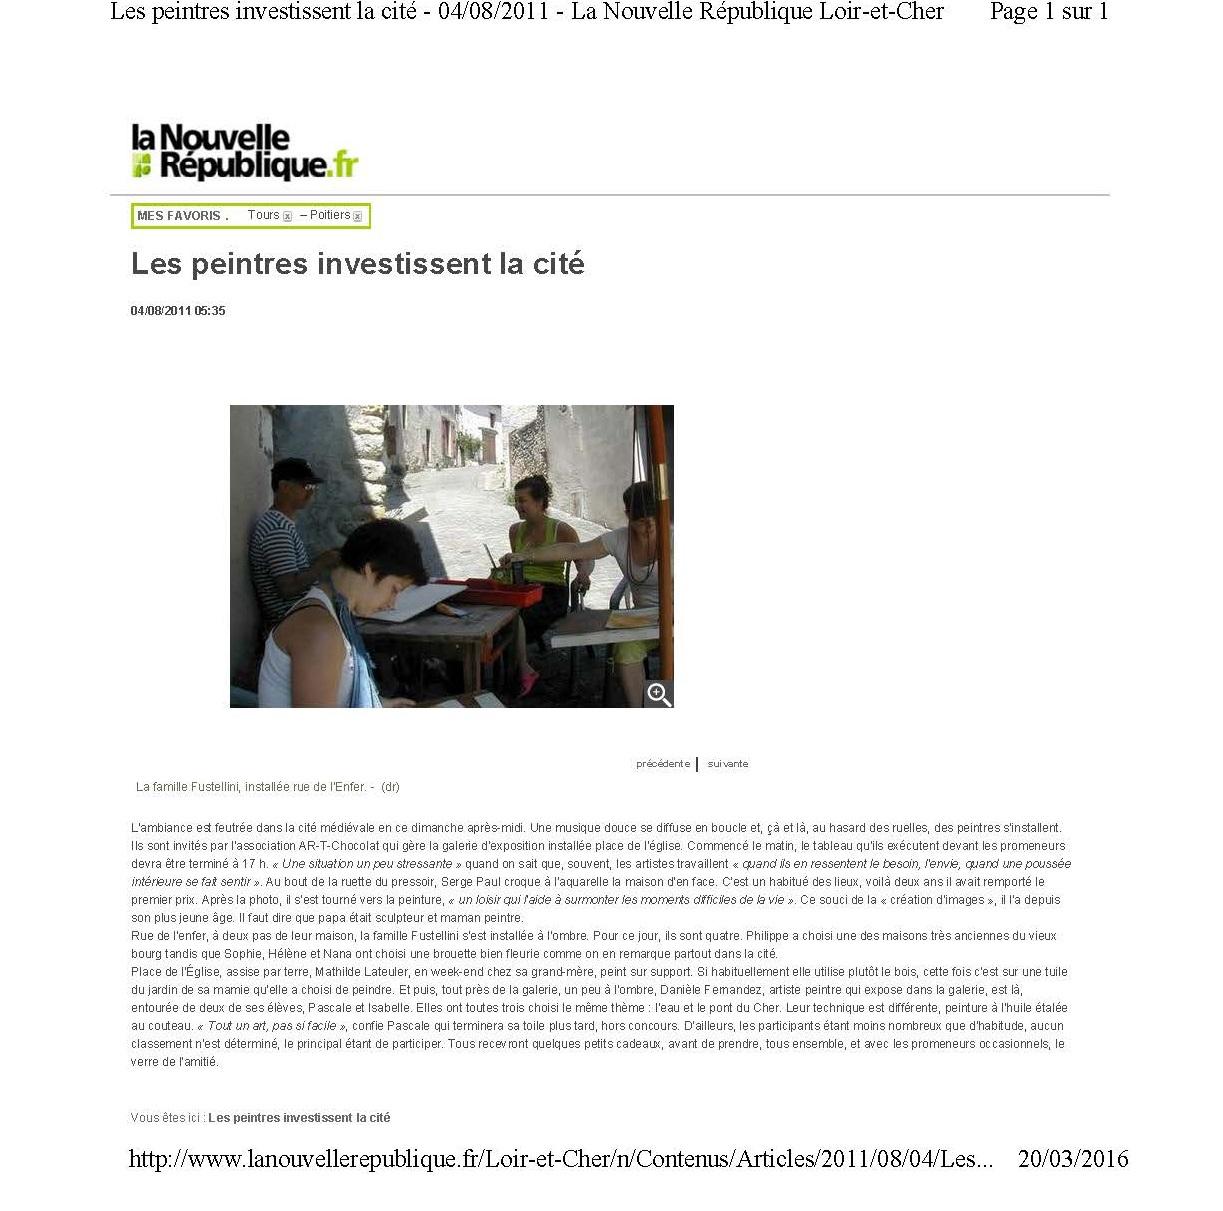 2011-08-4 NR arTchoc peintres dans la cité web ARTkos.jpg